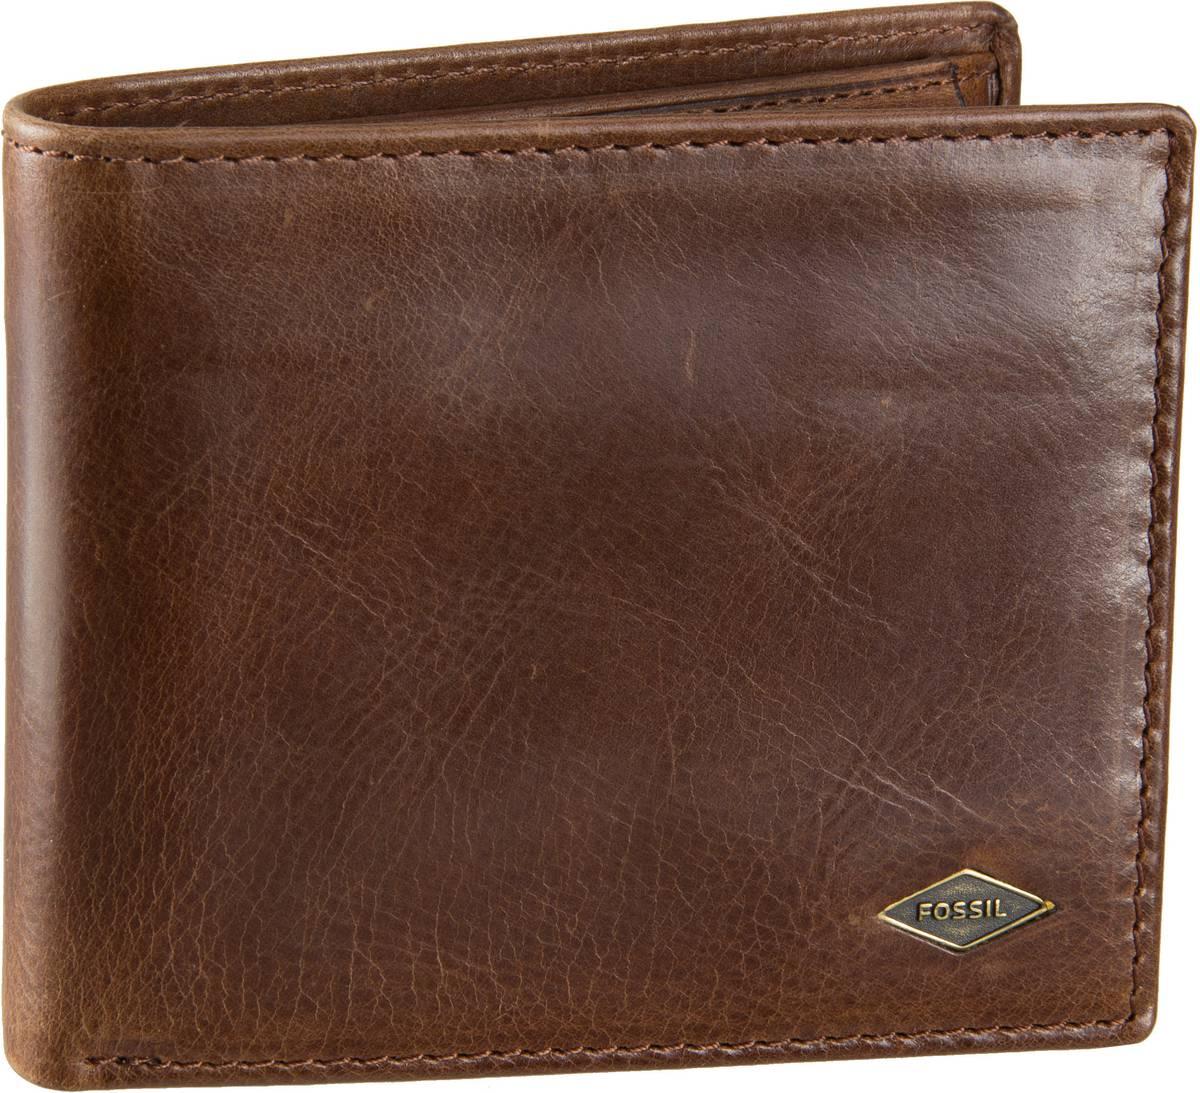 Fossil Ryan RFID Large Coin Pocket Bifold Dark Brown - Geldbörse Sale Angebote Jämlitz-Klein Düben